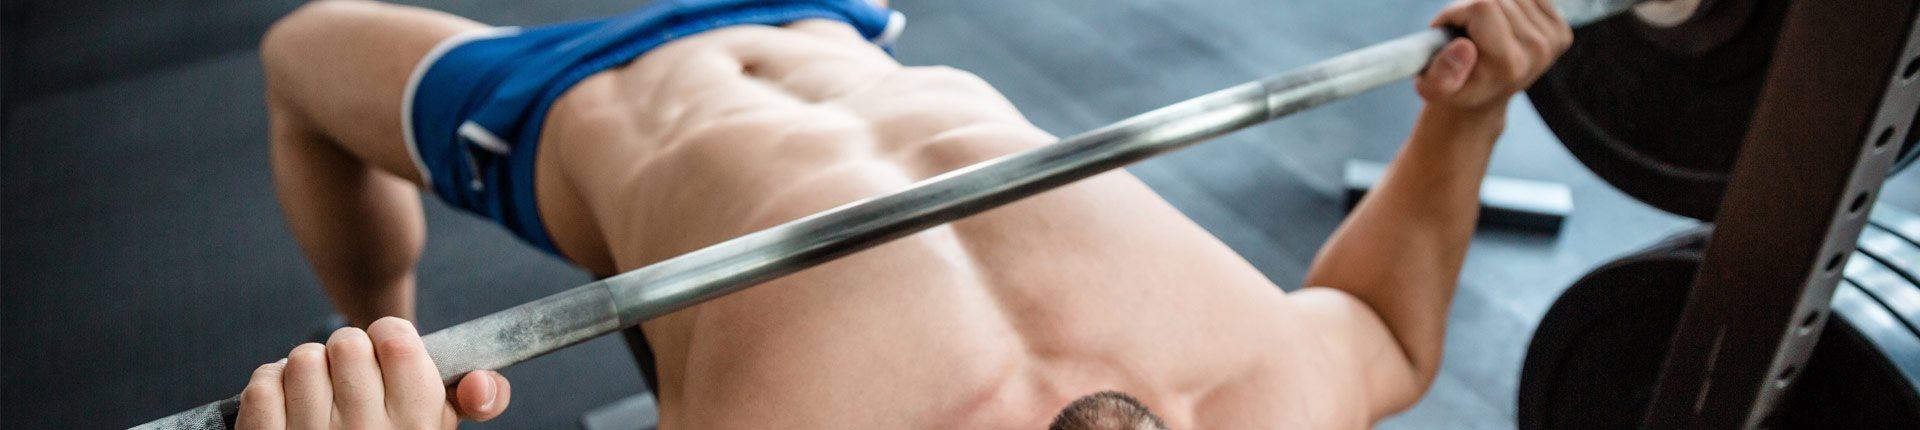 Błędy w ćwiczeniach na klatkę piersiową